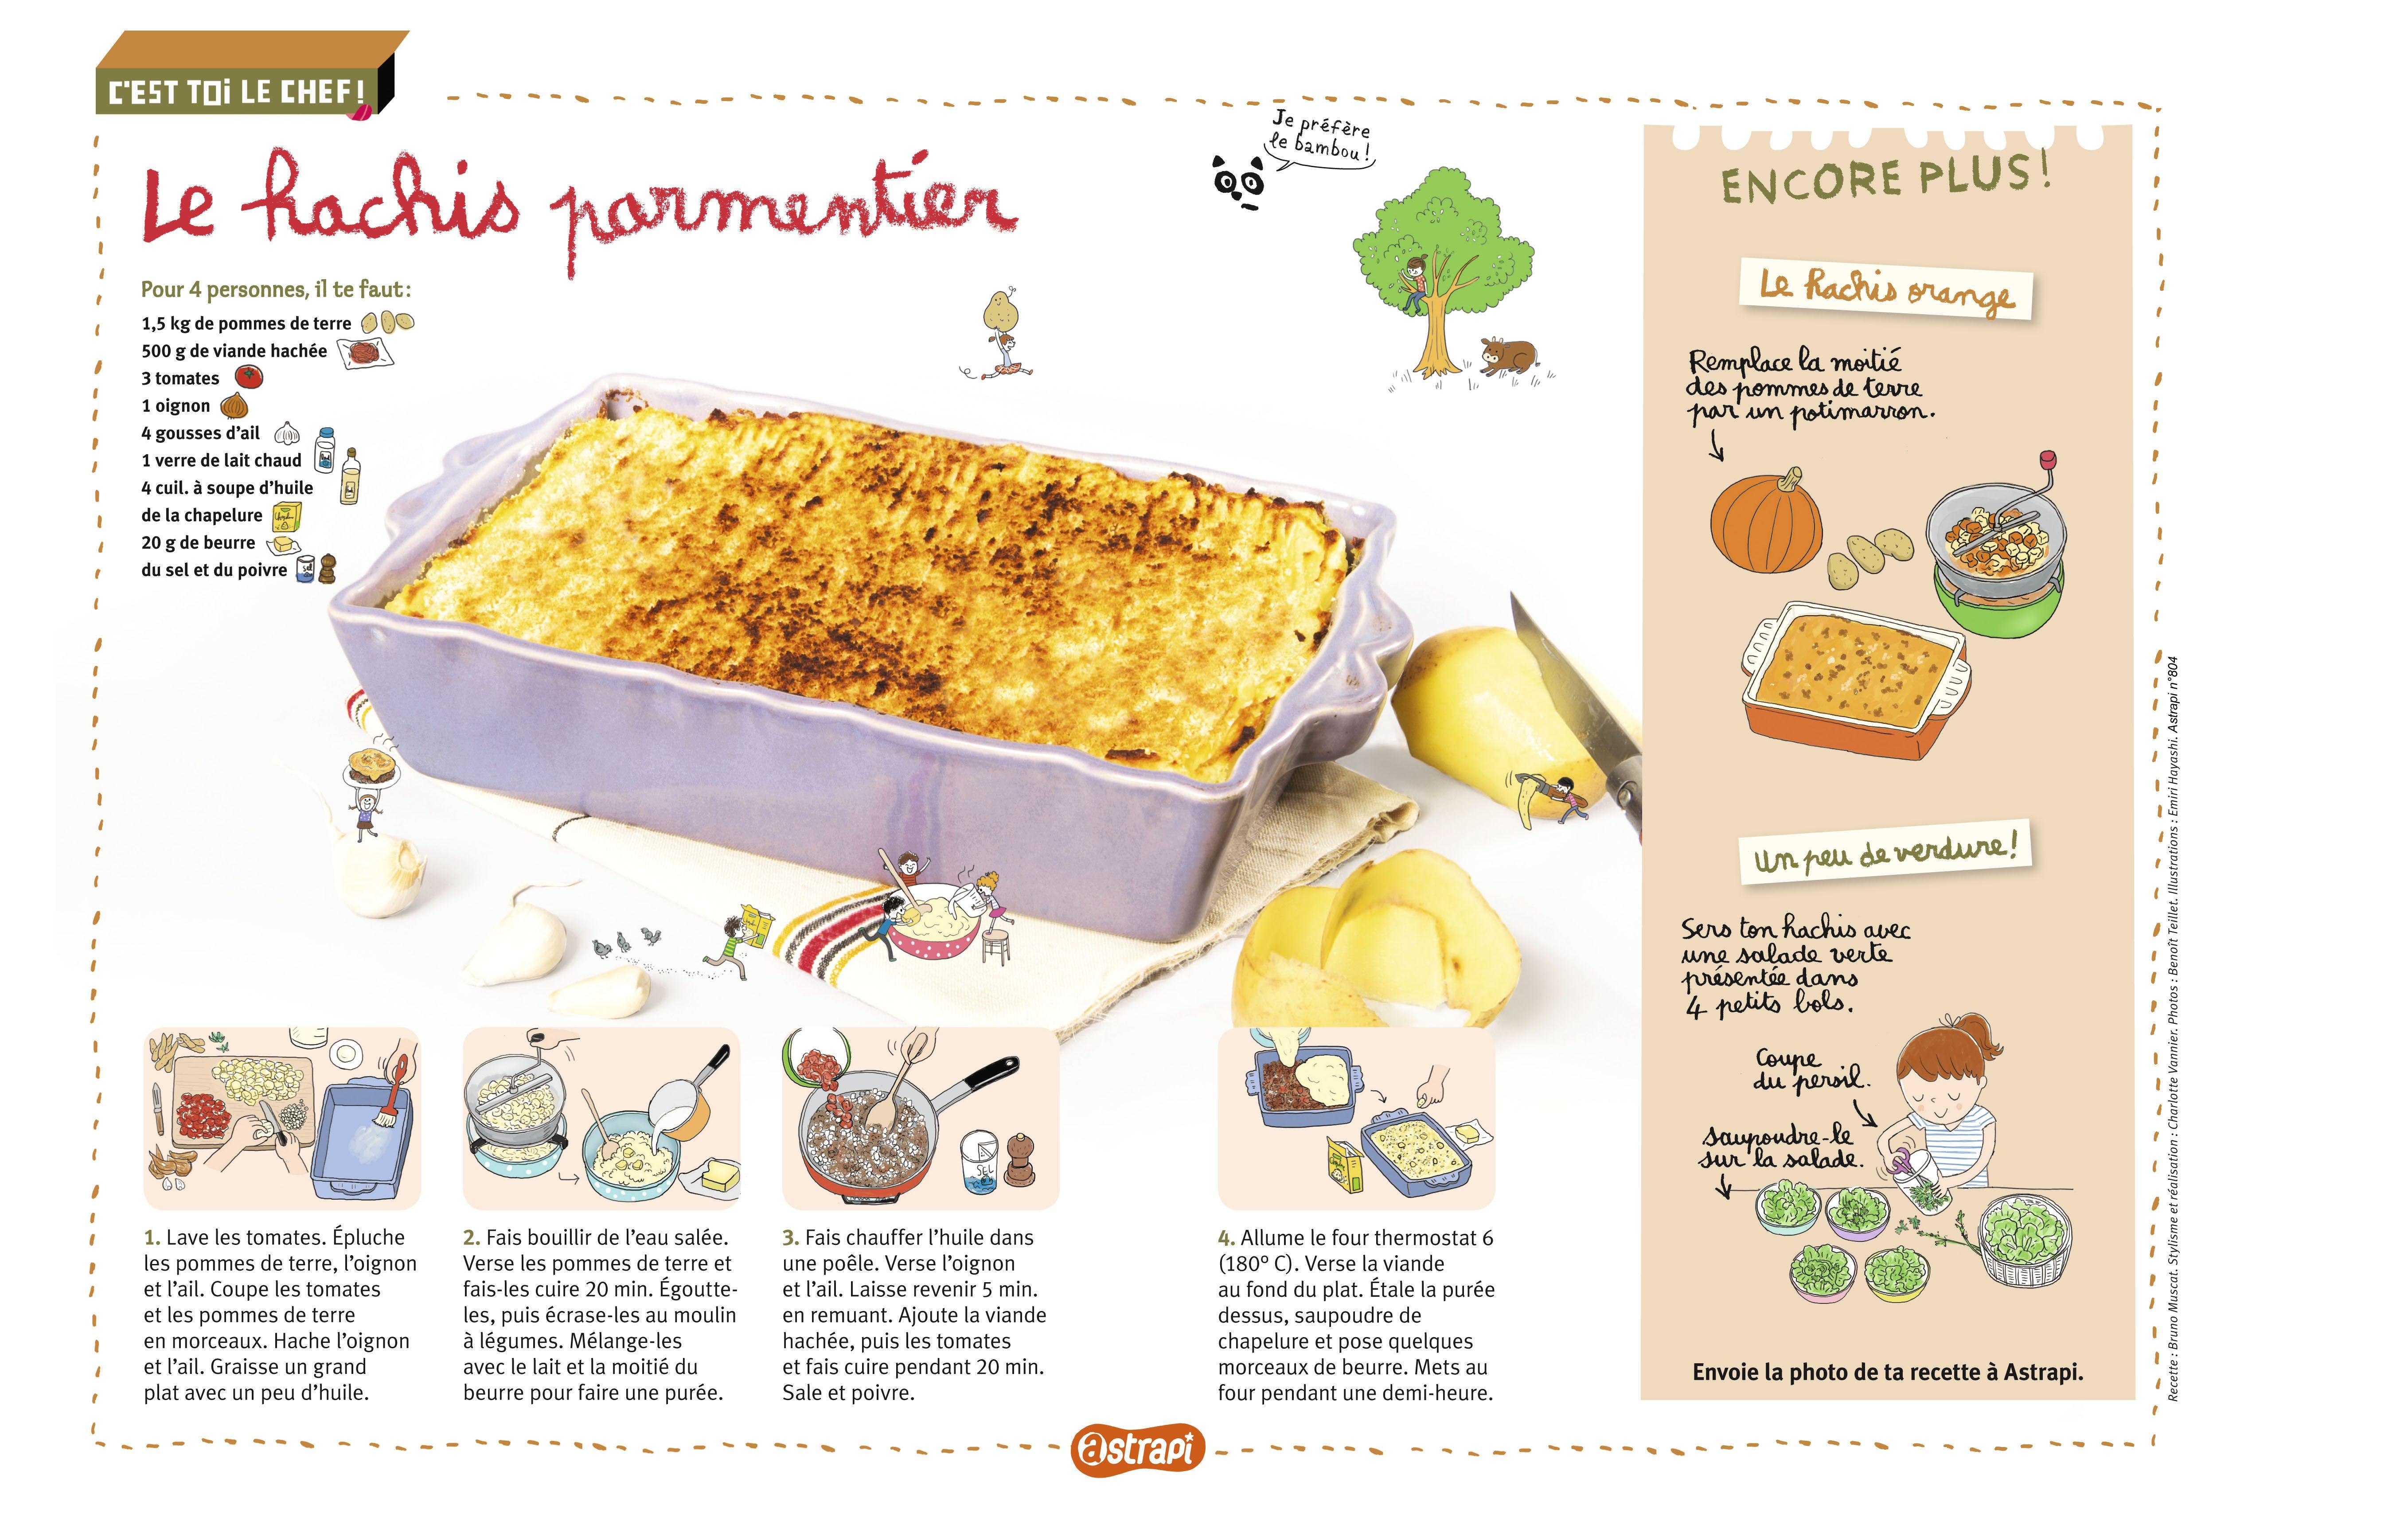 La recette du hachis parmentier dans le magazine astrapi n 804 pour les enfants